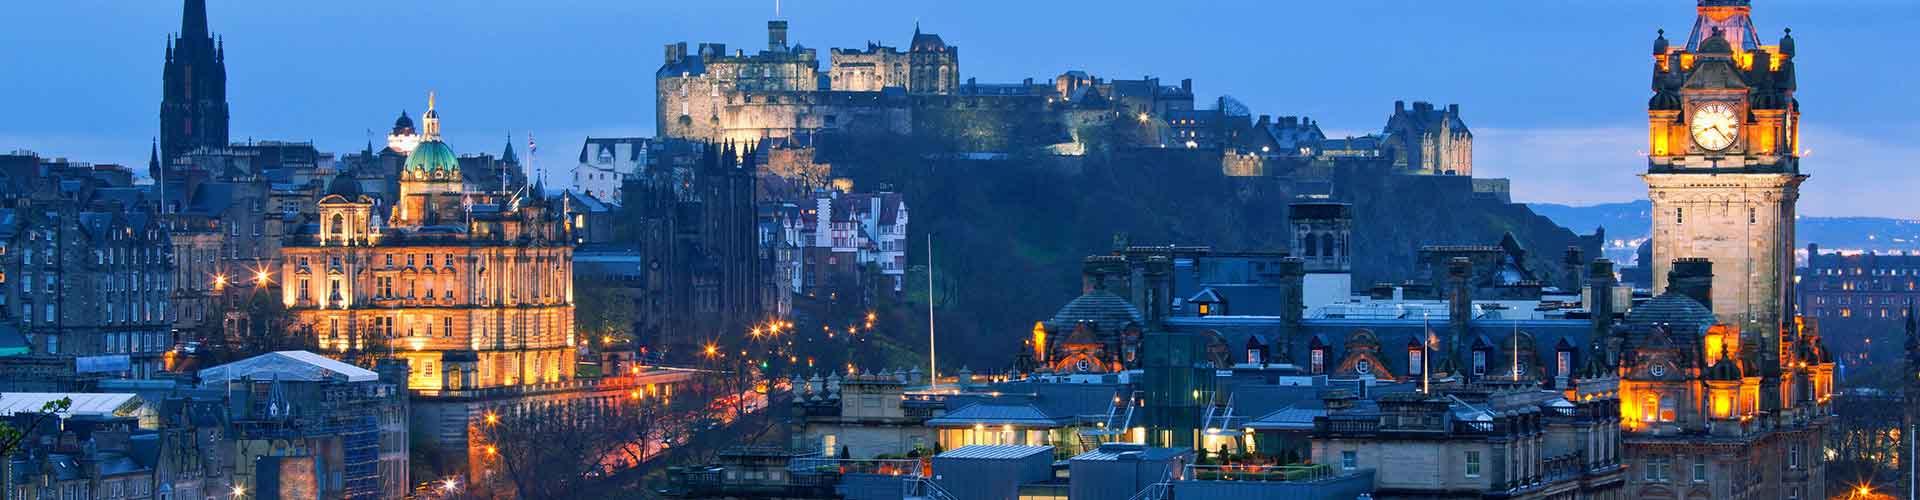 Edynburg - Hostele w mieście: Edynburg, Mapy: Edynburg, Zdjęcia i Recenzje dla każdego hostelu w mieście Edynburg.